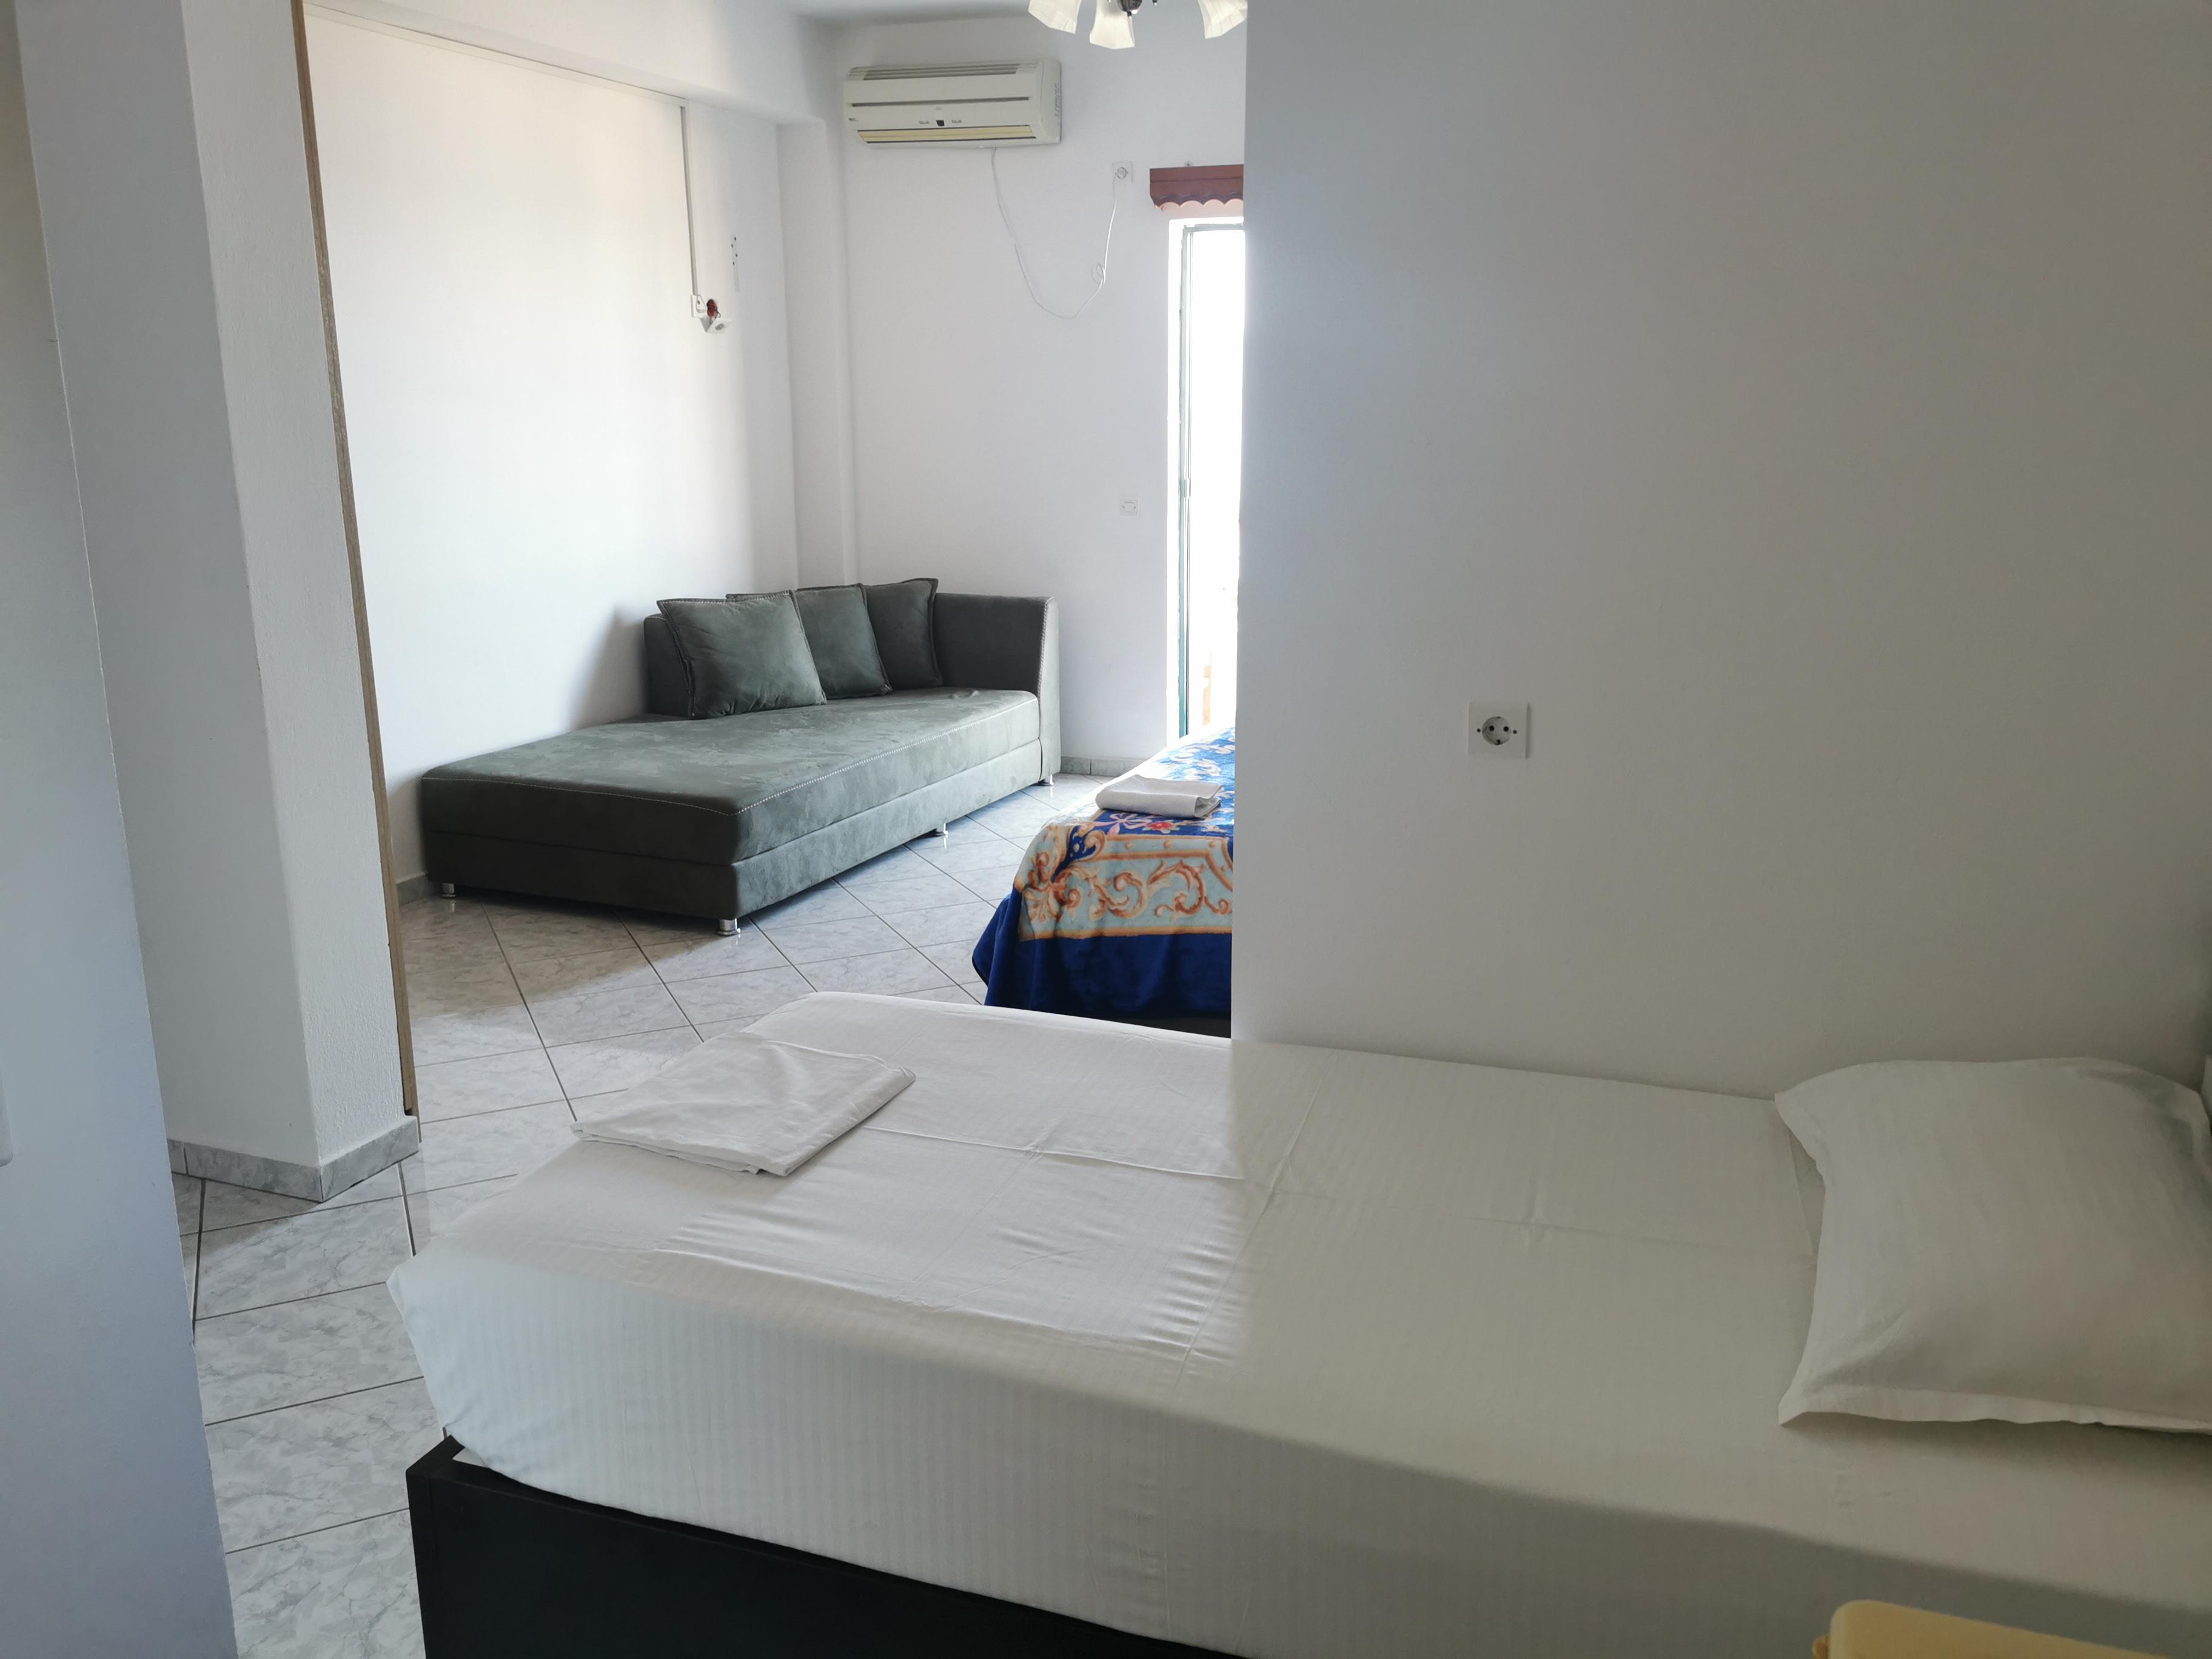 Hoteli Albanija letovanje -Rane rezervacije hotela u Albaniji za leto, lastminute, specijalne cene ,povoljno letovanje Albanija hoteli,